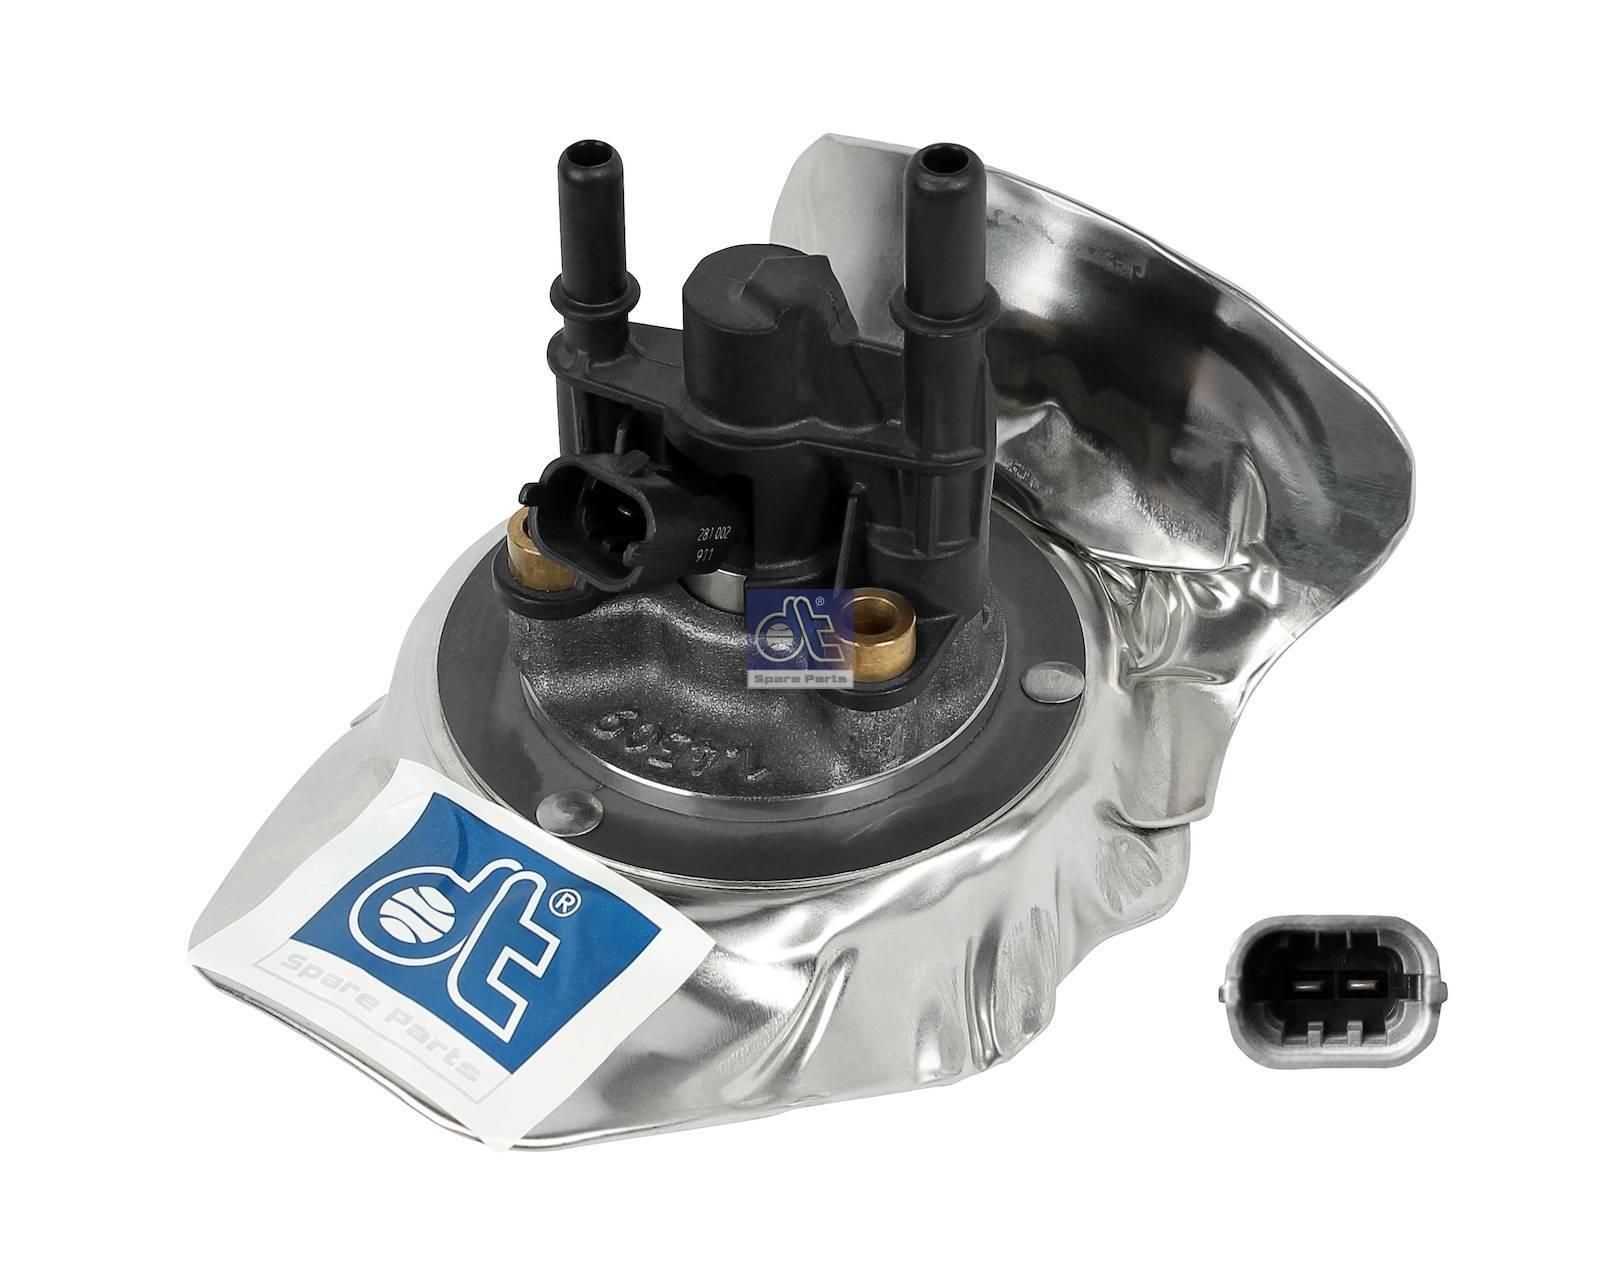 DT 7 24830 Dosing module, urea 5801730656 suitable for Iveco